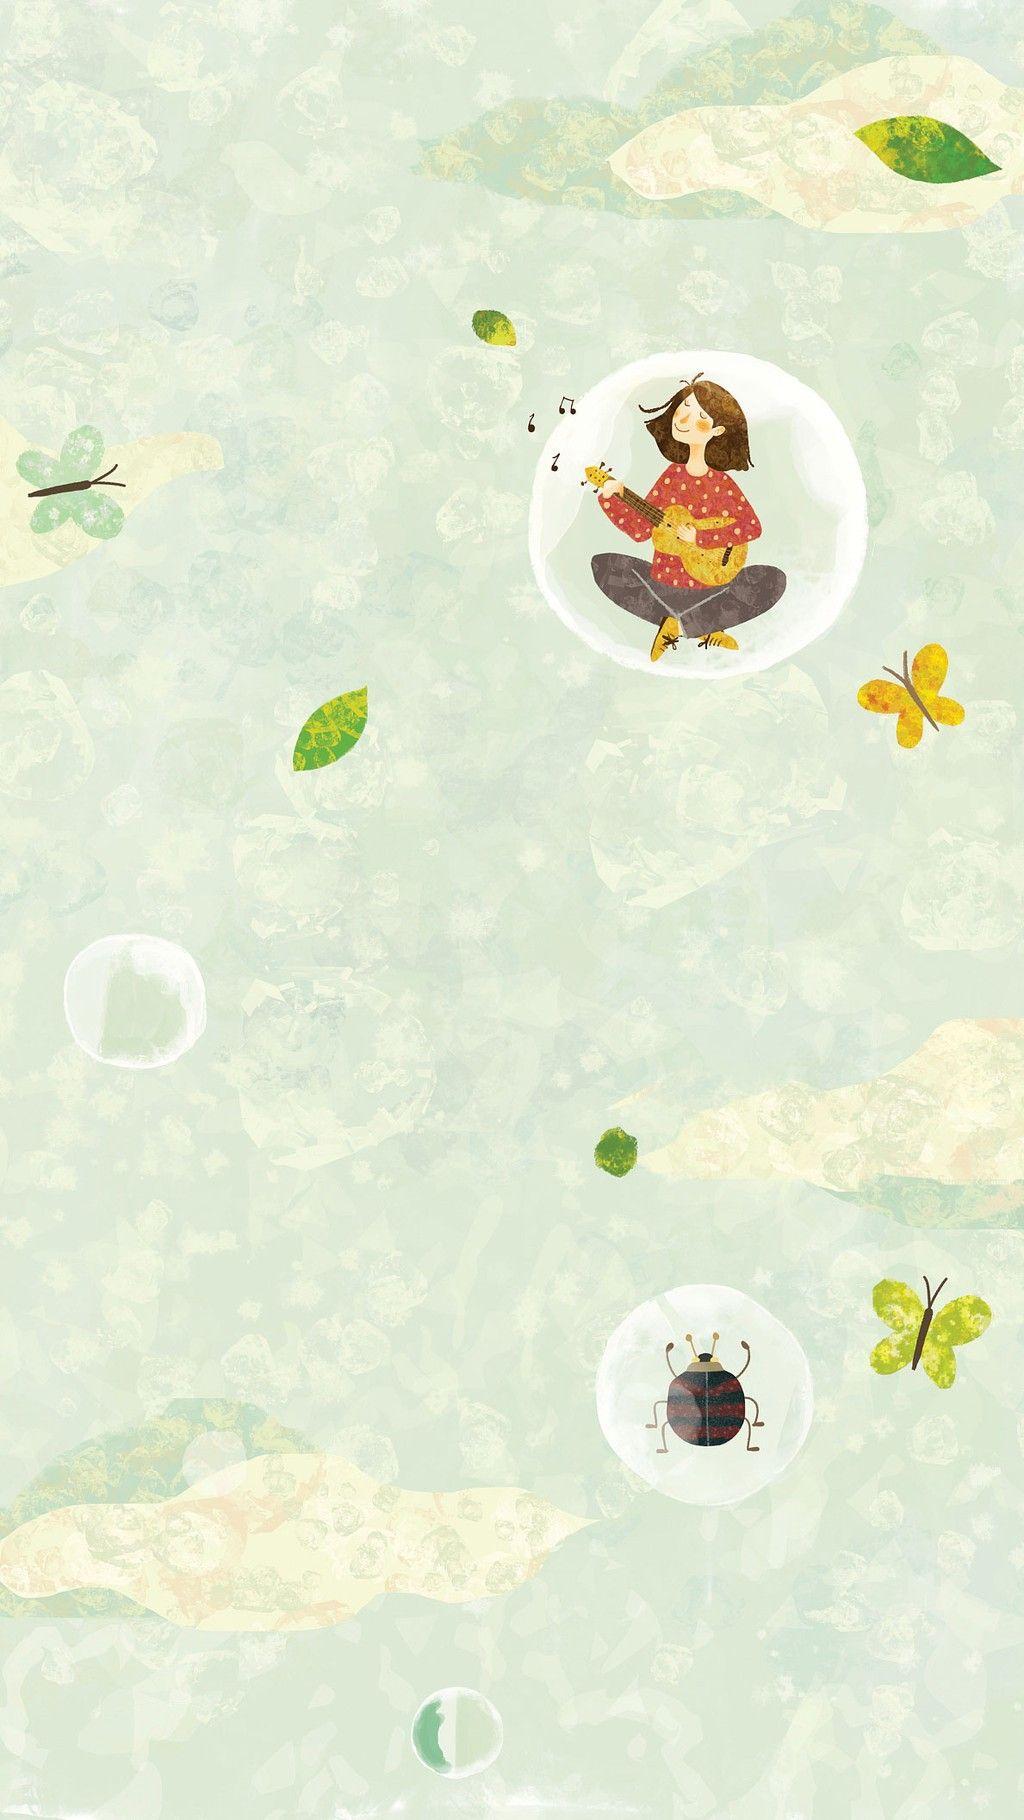 Pin oleh ROSE di Wallpaper 2 Gambar